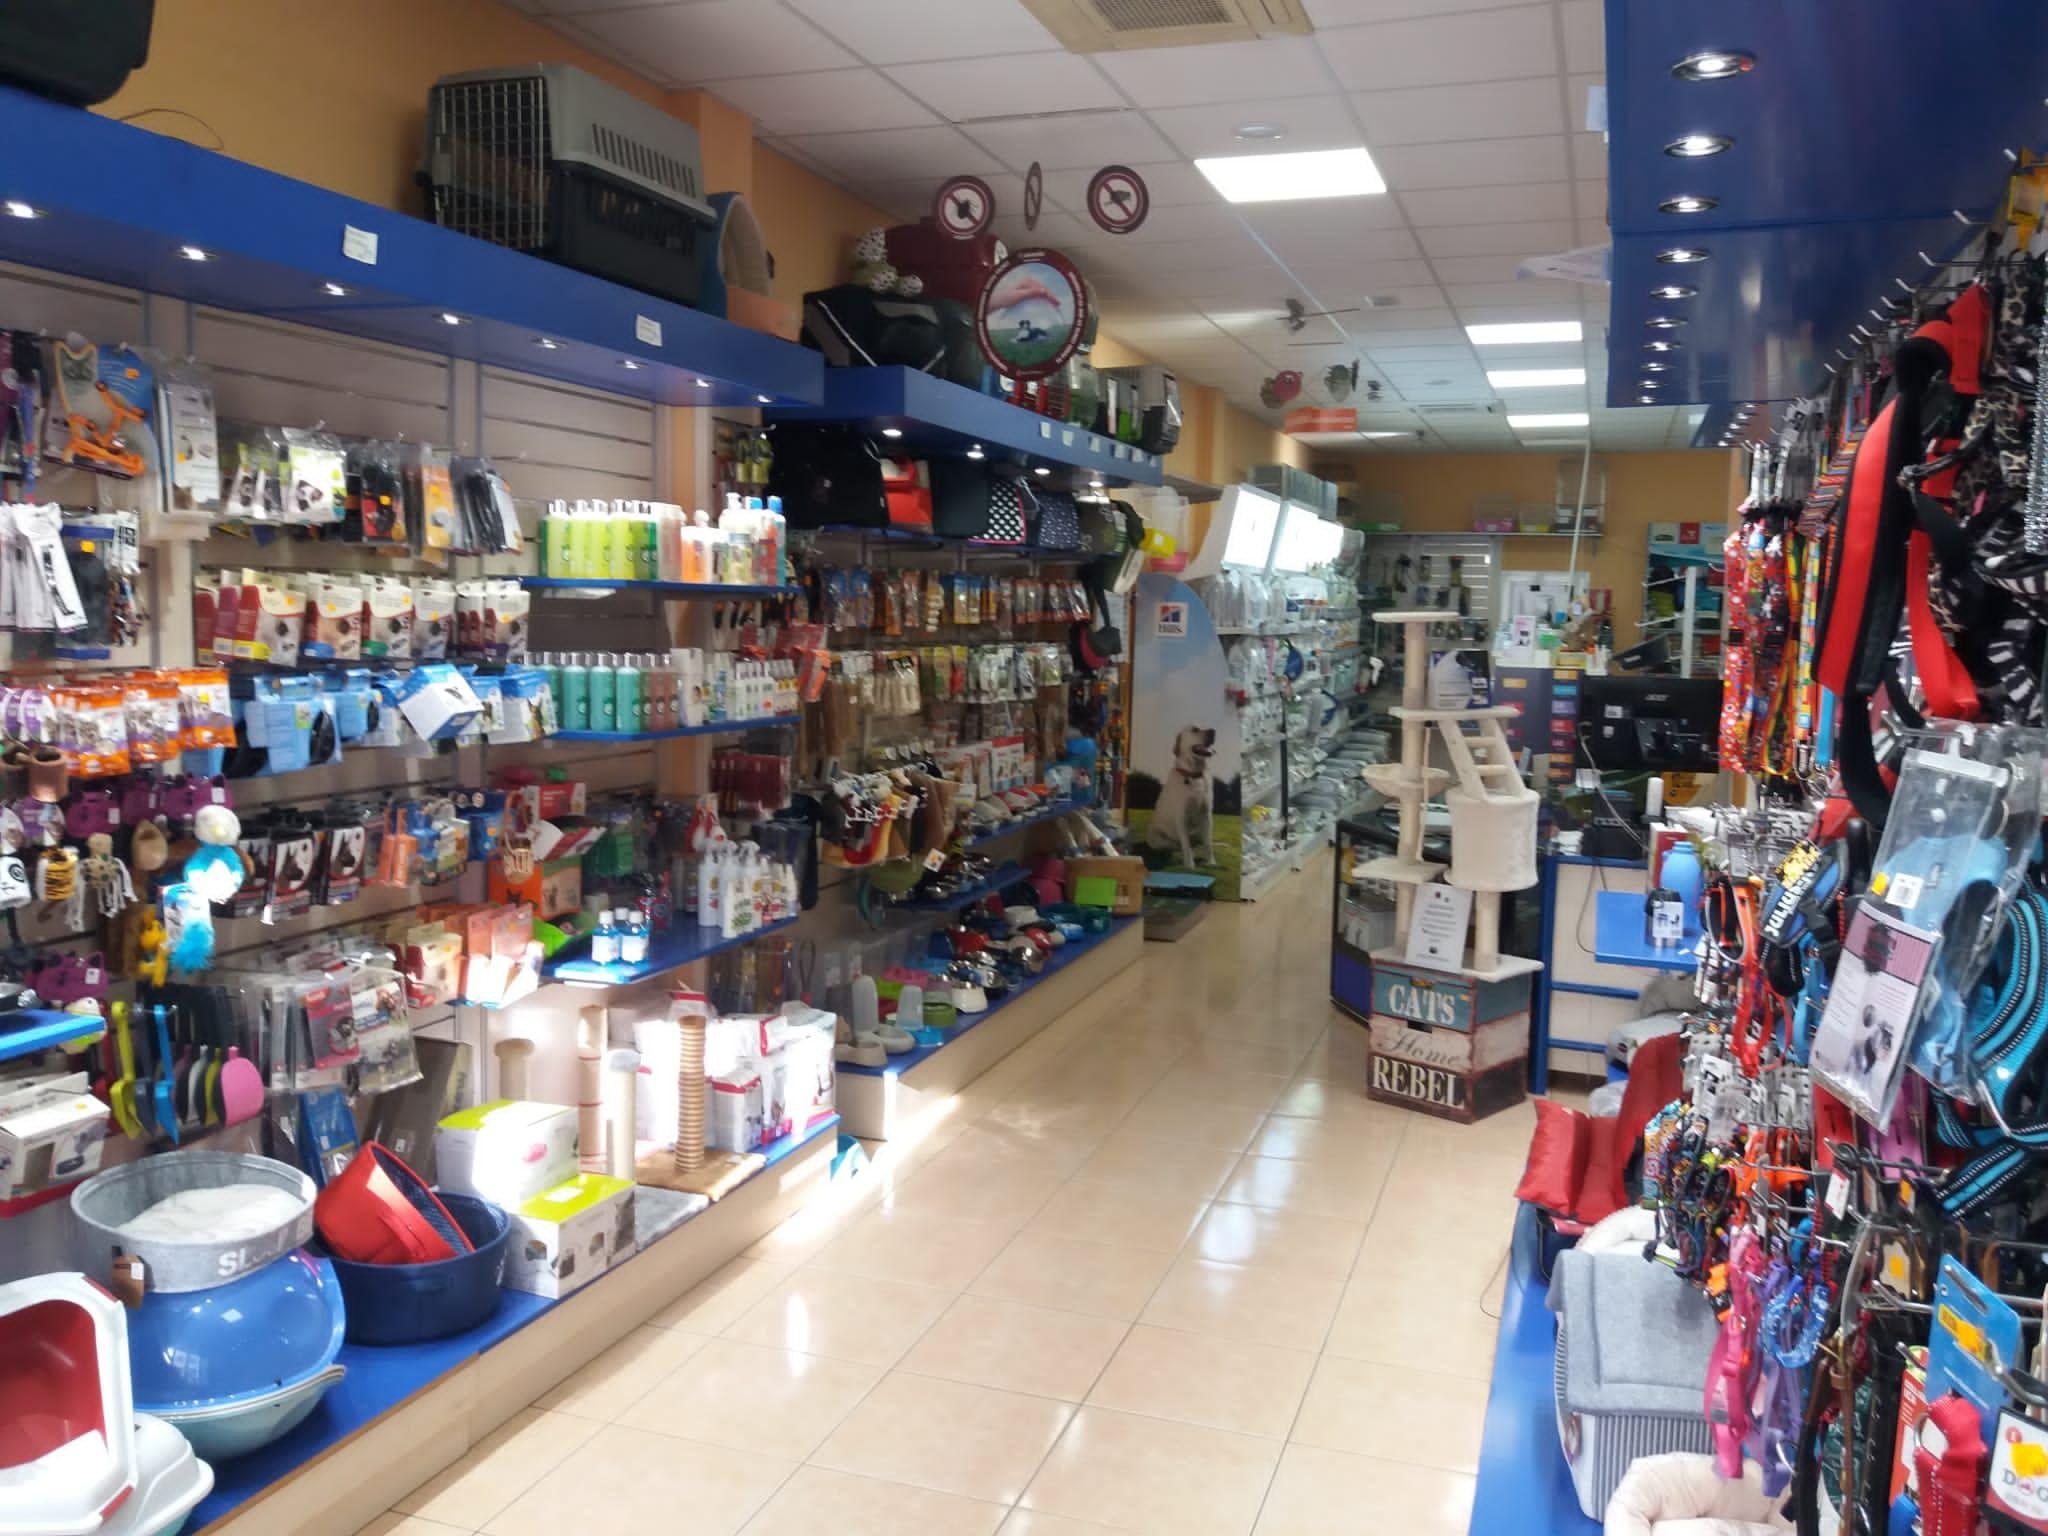 Nuestras Instalaciones - Tienda